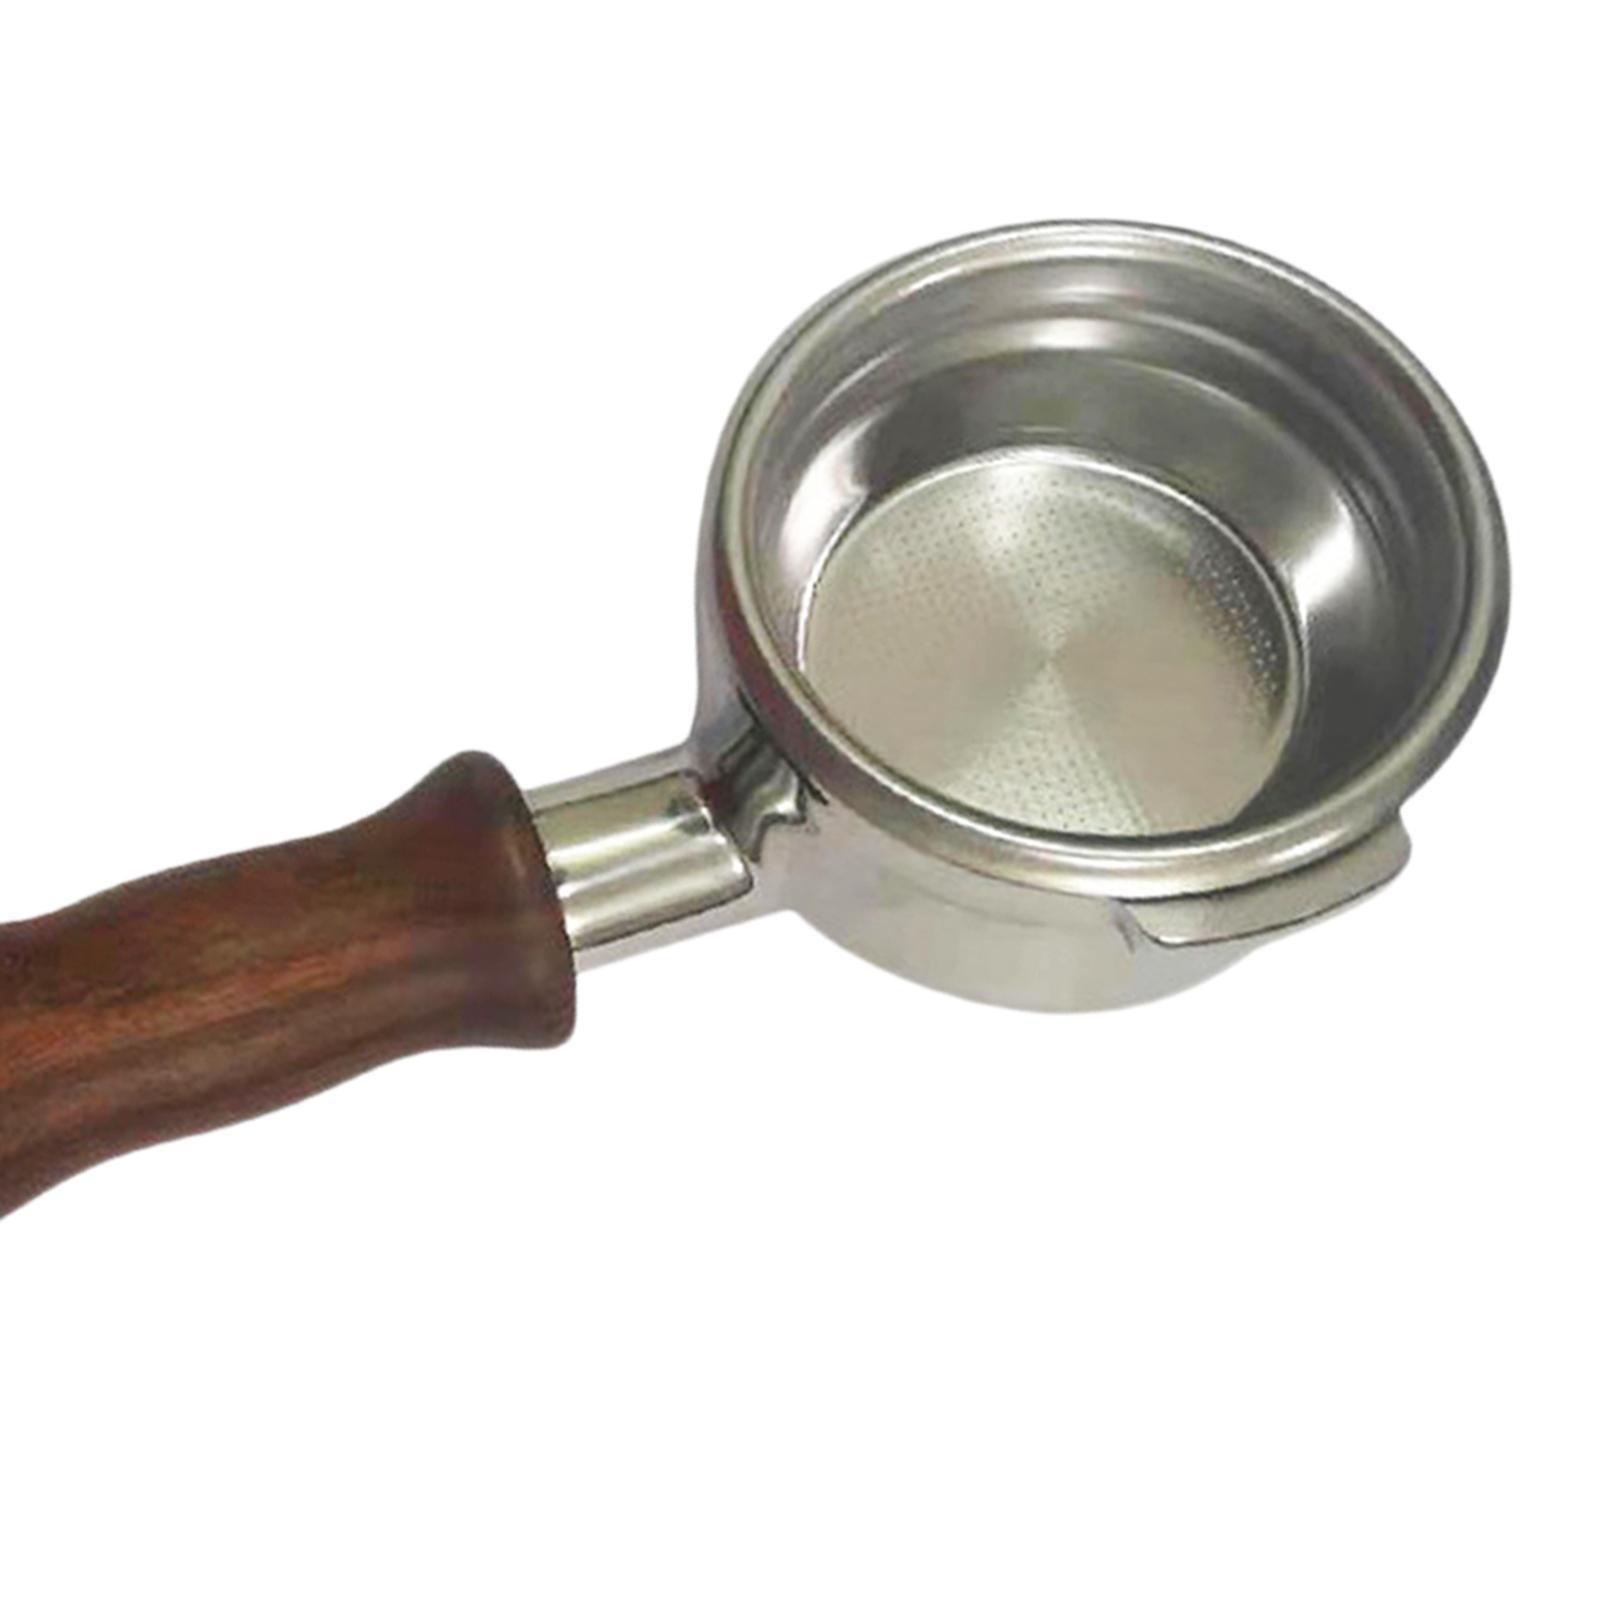 Indexbild 10 - 58mm Kaffee Siebträger ohne Boden für Breville BES920/980 Werkzeug